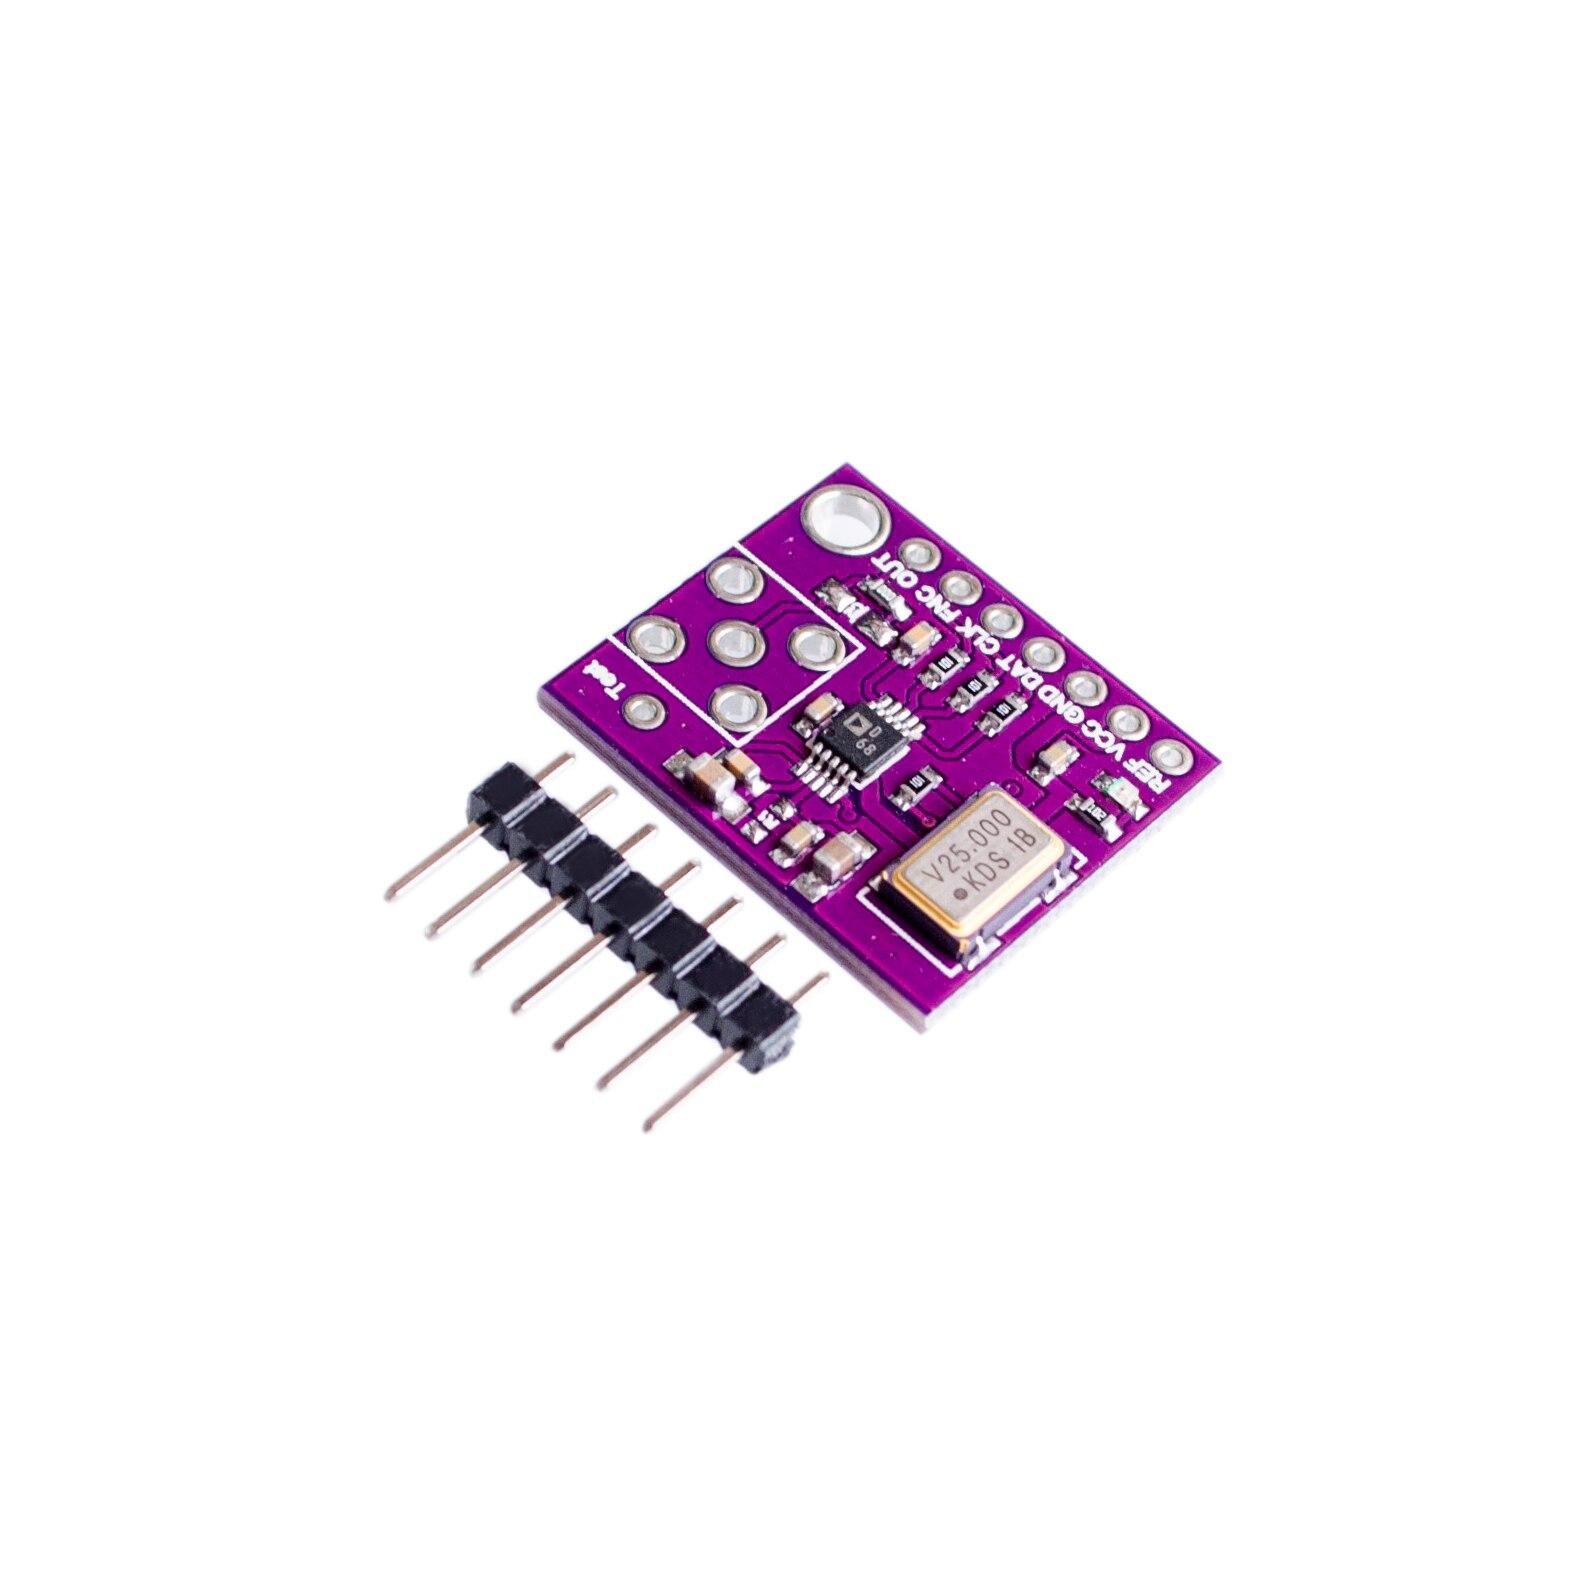 CJMCU-9833 AD9833 модуль генератор сигналов модуль STM32 STM8 STC микропроцессоры синусоида квадратный волновой монитор DDS